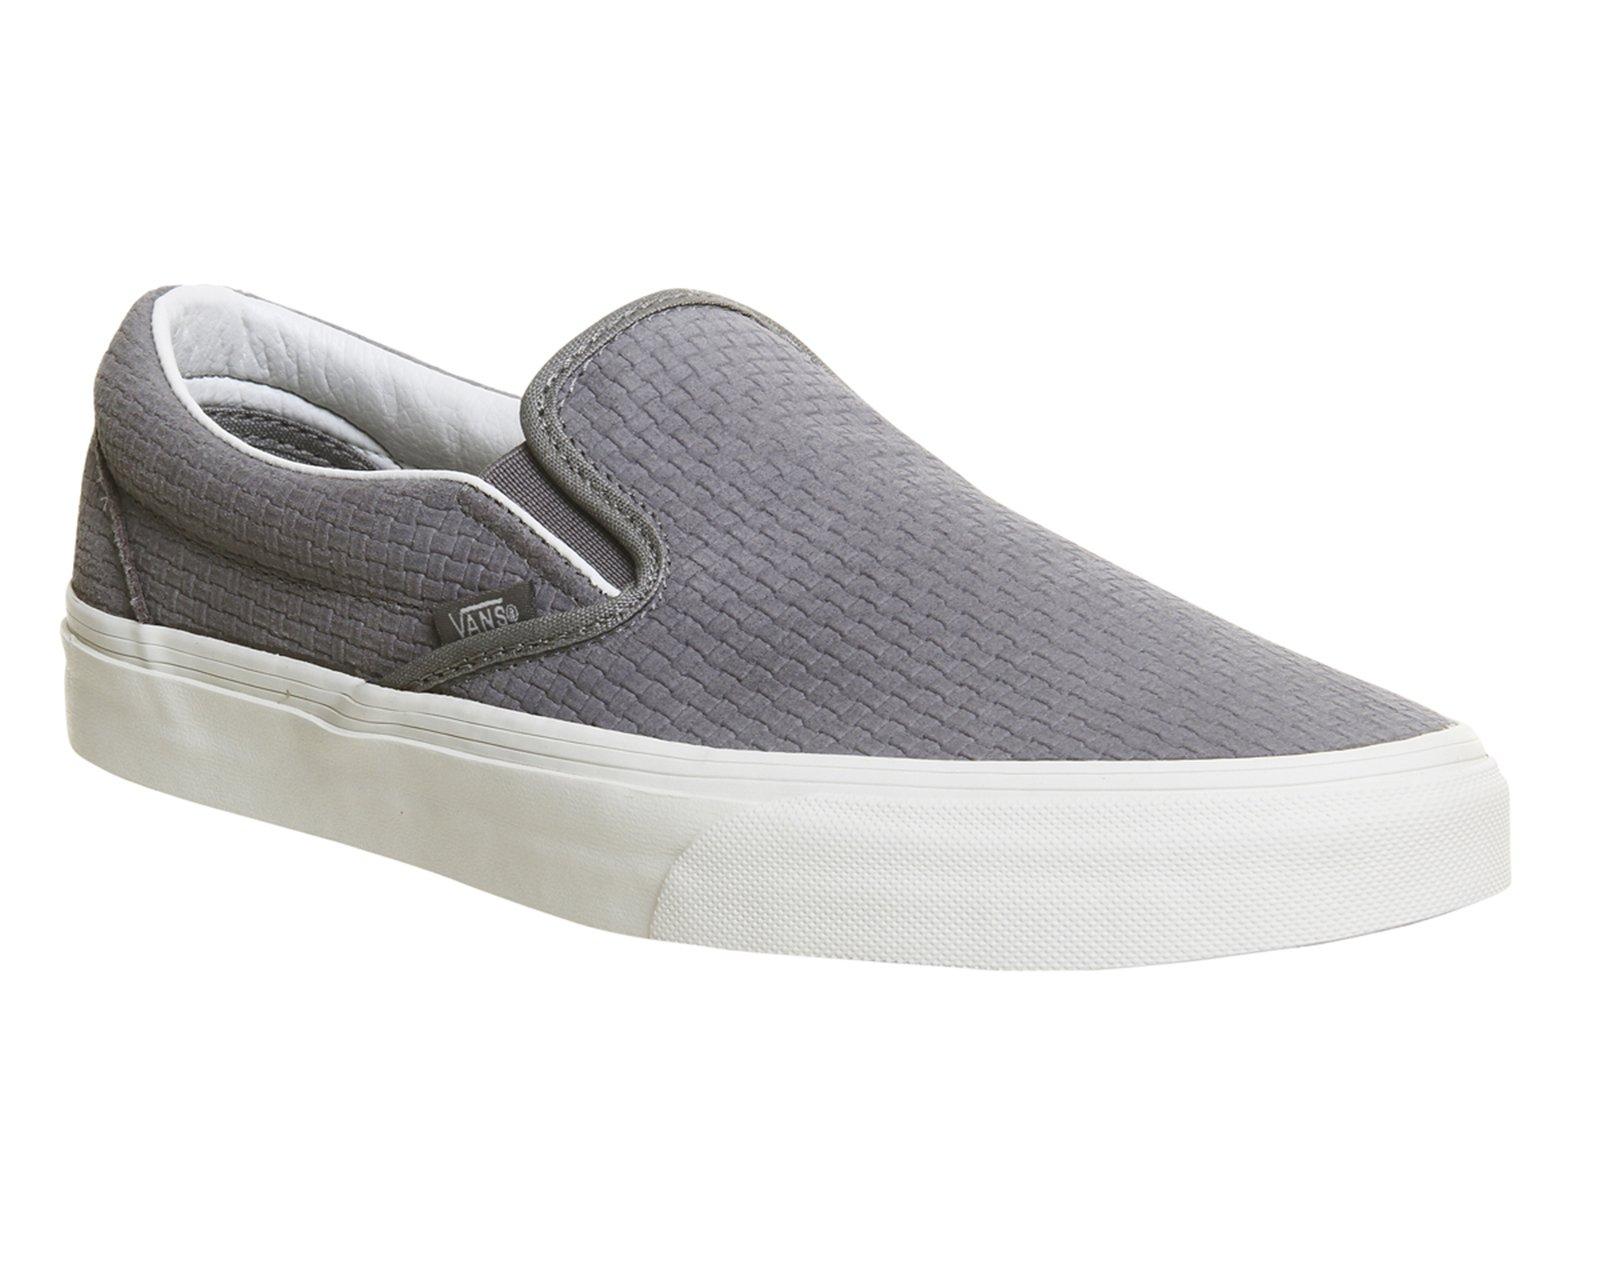 Vans Slip On Suede Black Grey Shoes